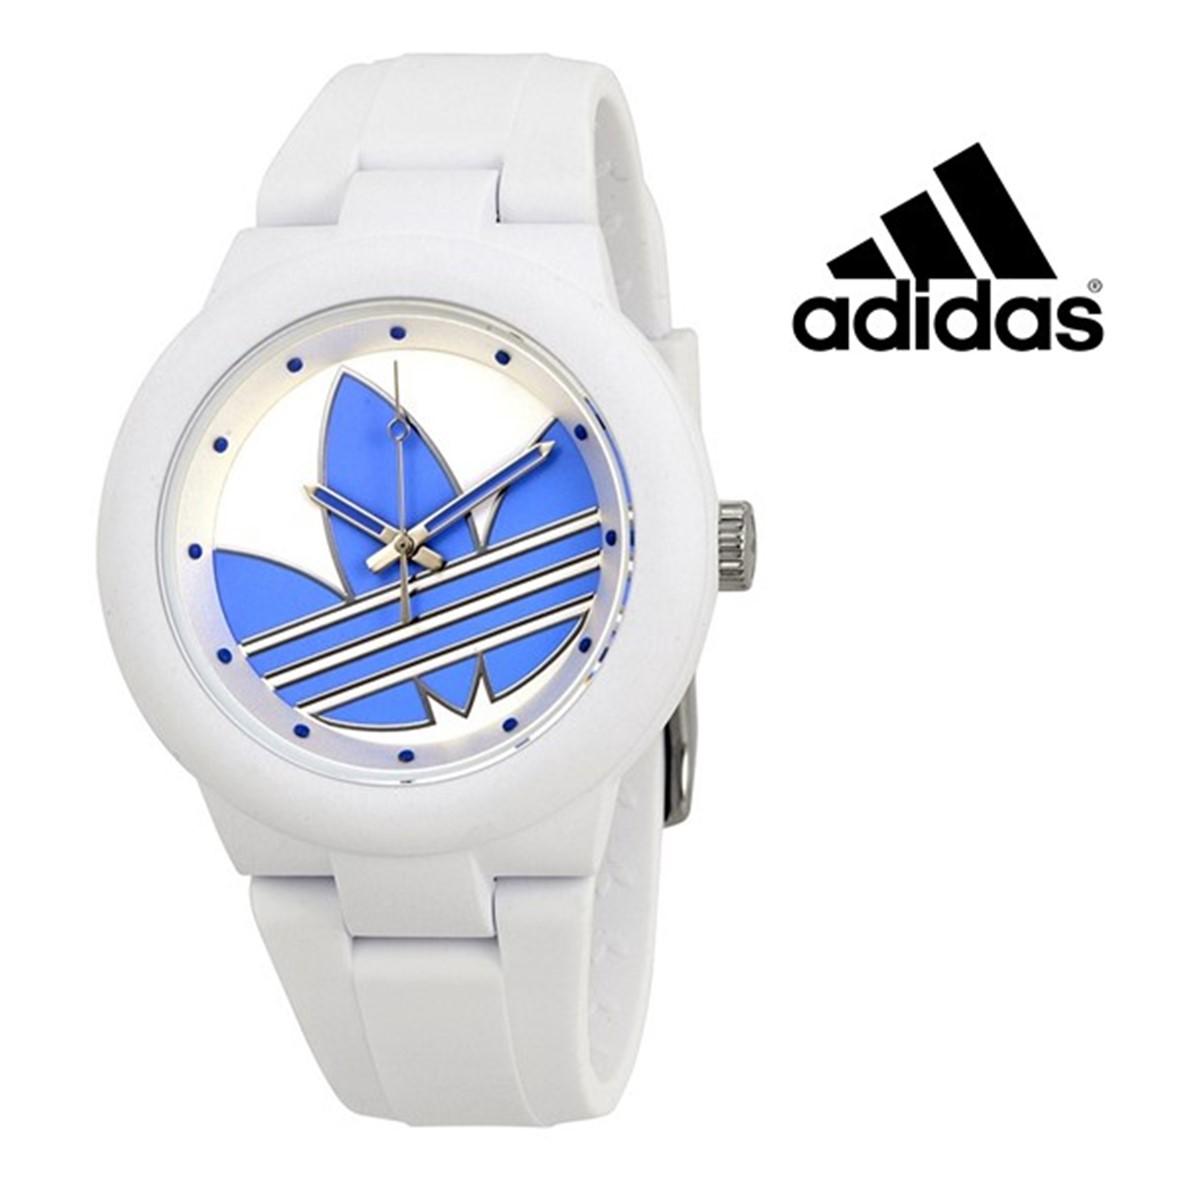 Mar Por cierto fluido  Adidas® Aberdeen Blue   5ATM - You Like It